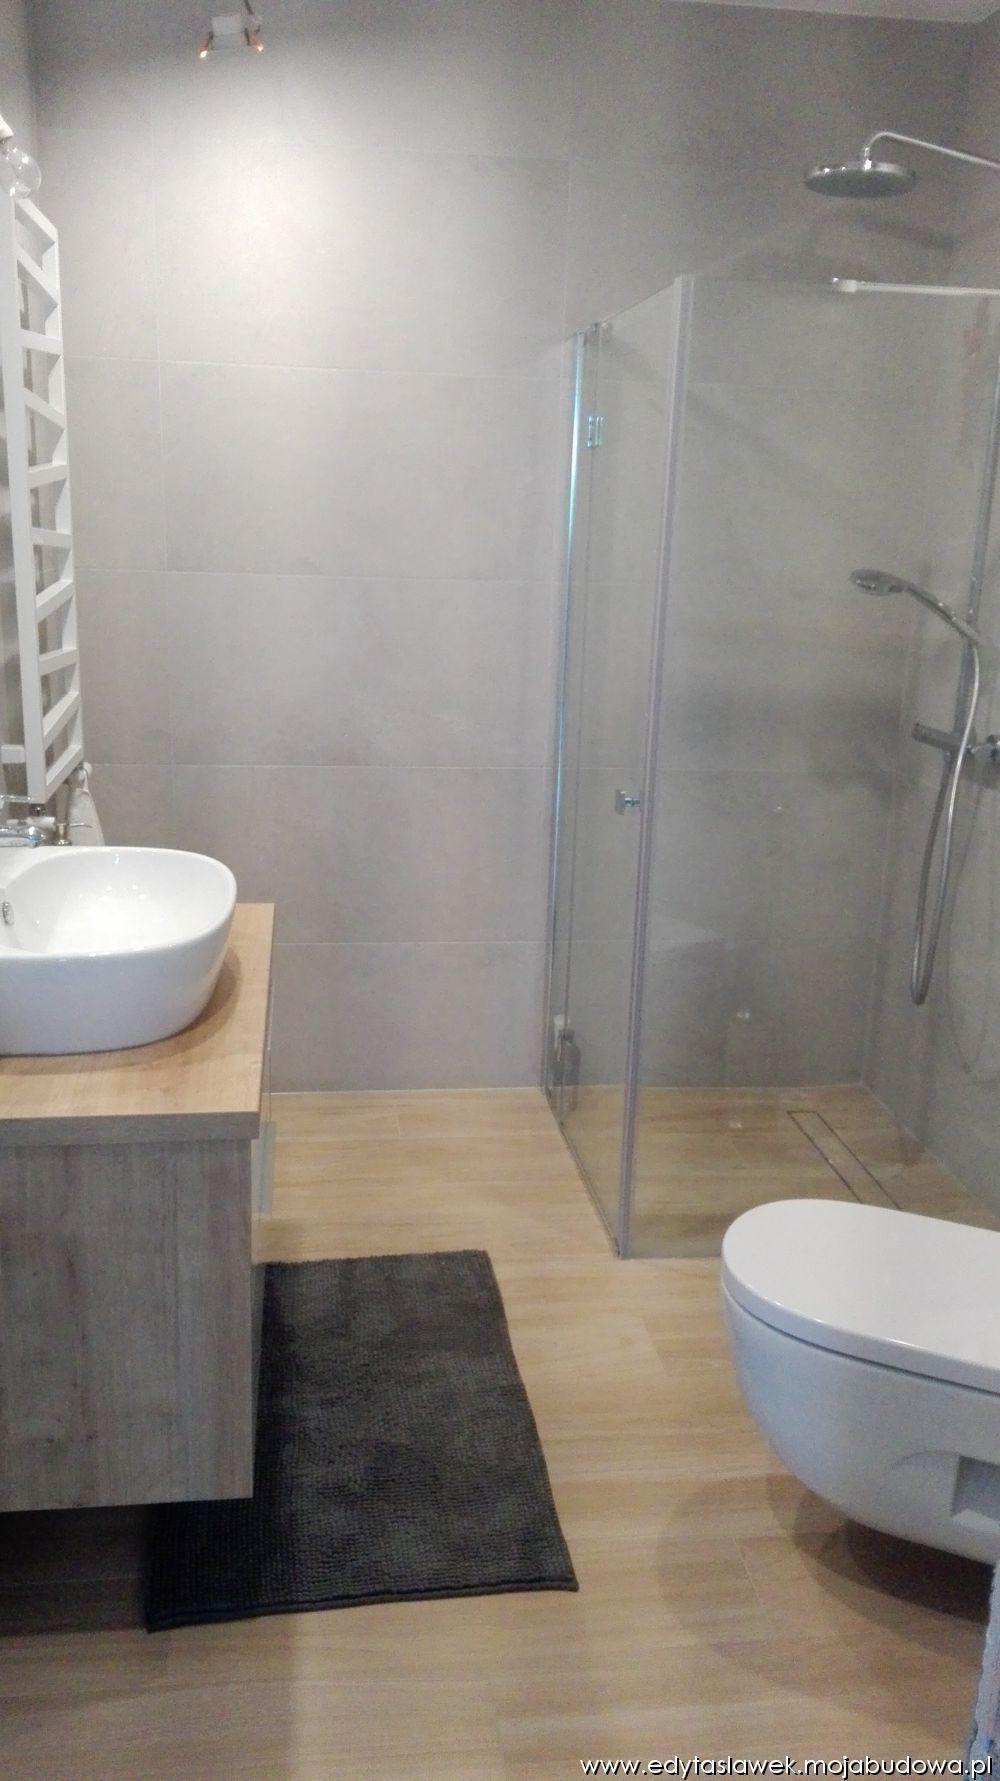 Blog Budowlany Mojabudowapl Bathroom łazienka I Drzwi